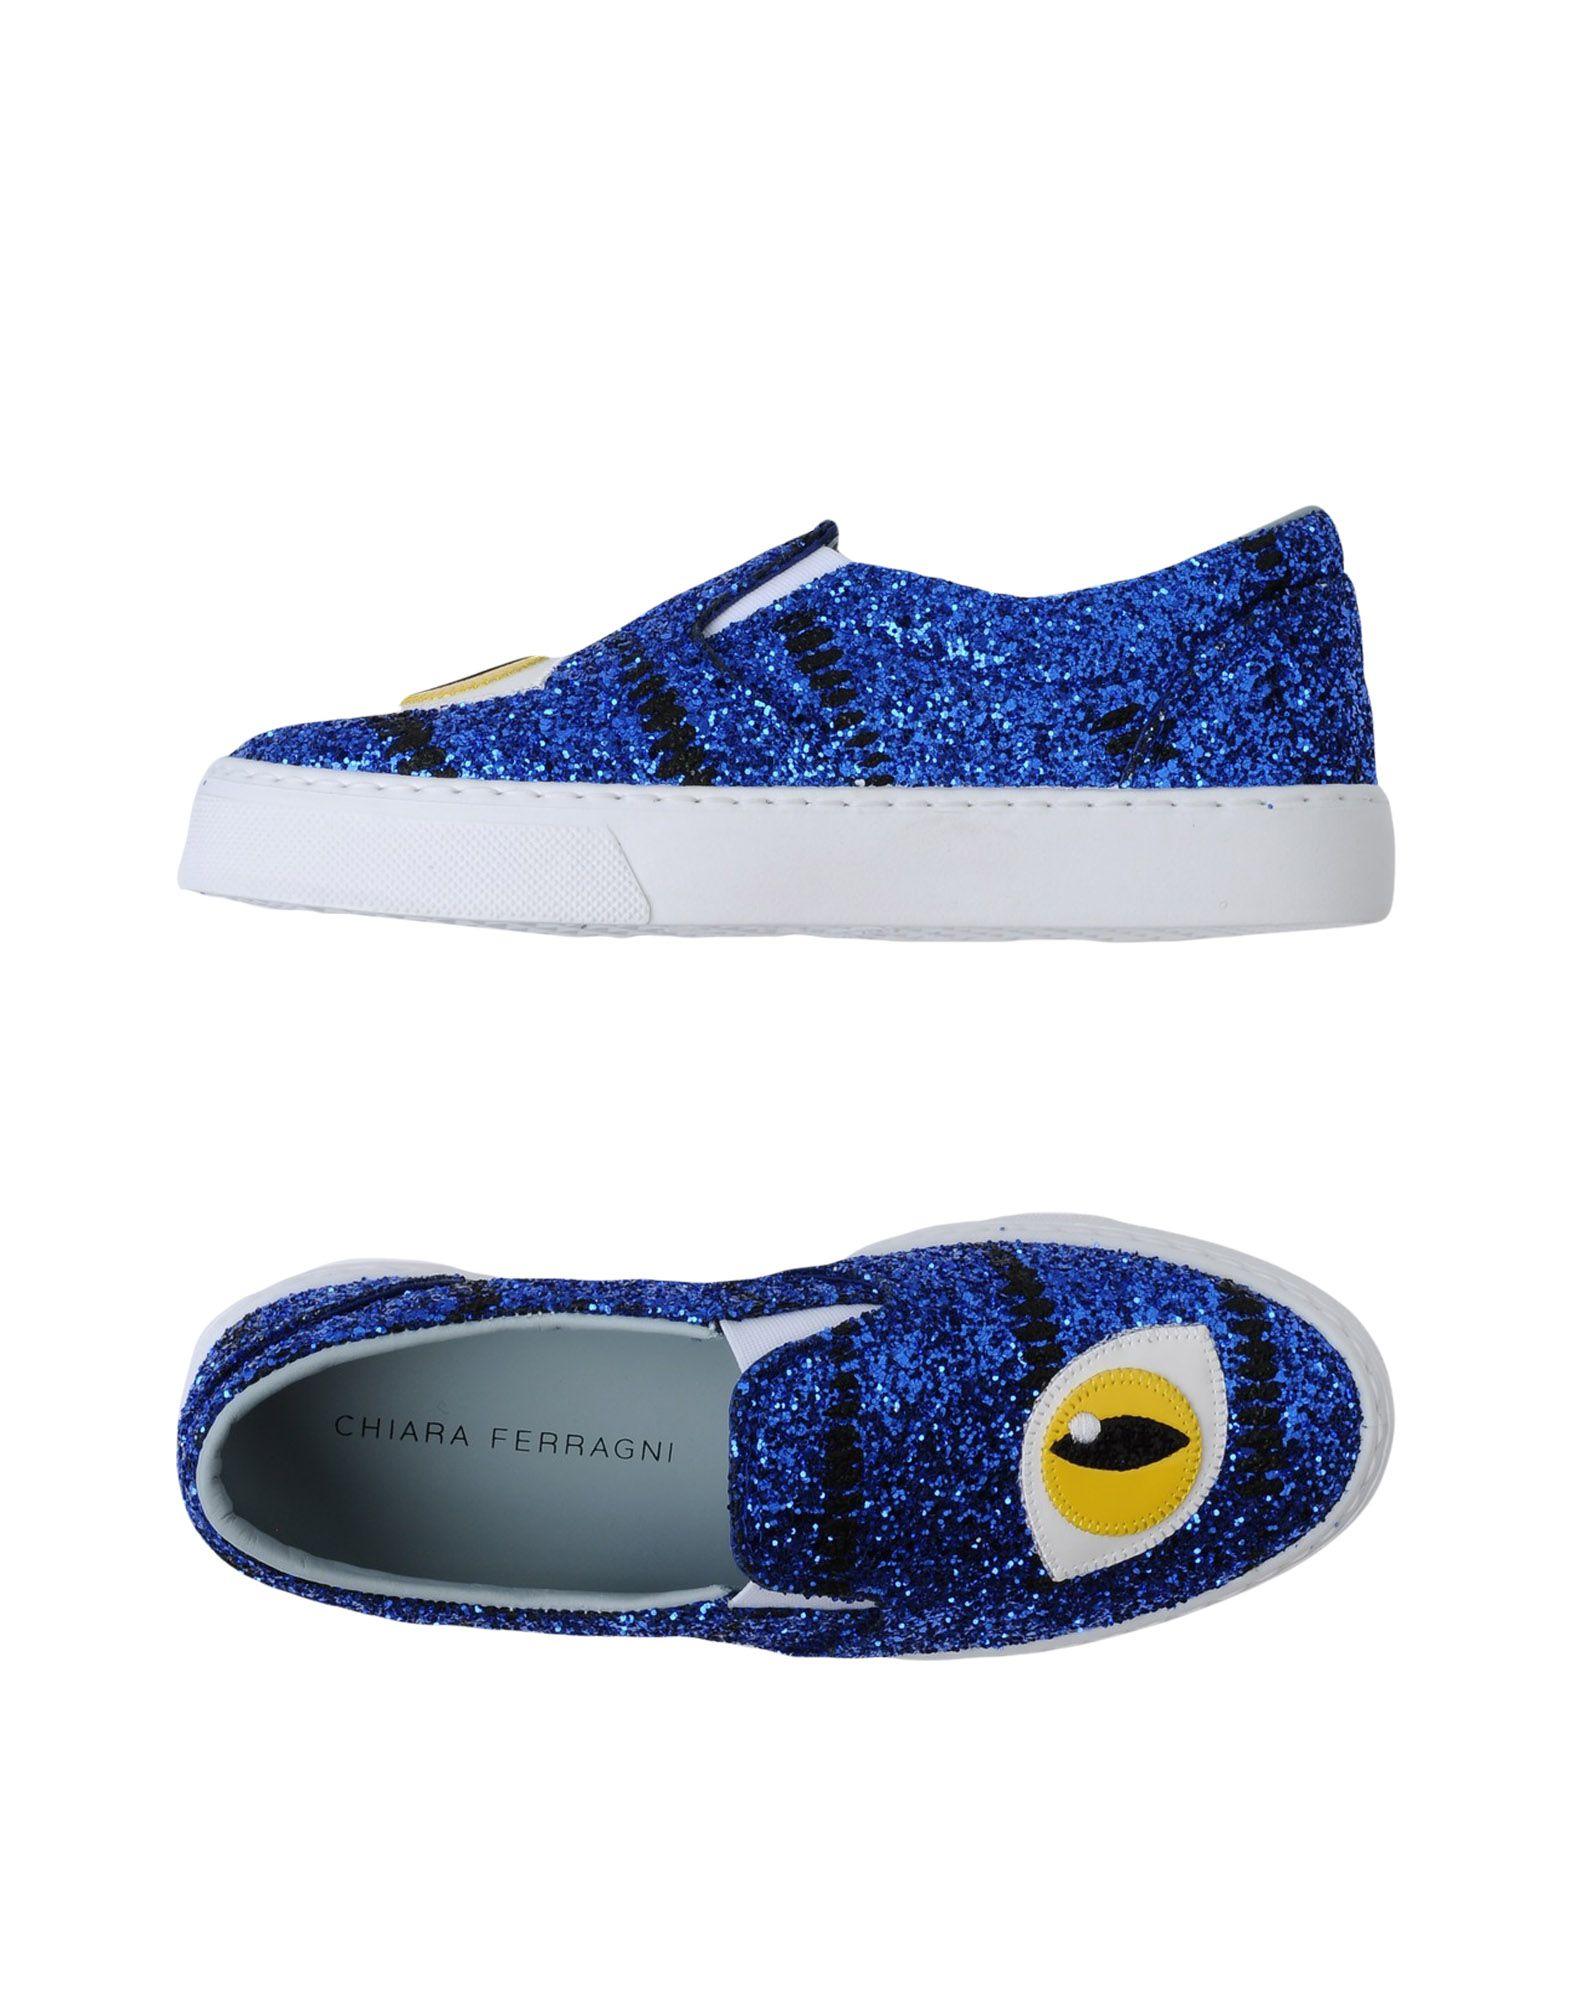 Zapatillas Chiara Ferragni Mujer - Zapatillas Chiara Ferragni Ferragni Chiara  Azul eléctrico 1b693c